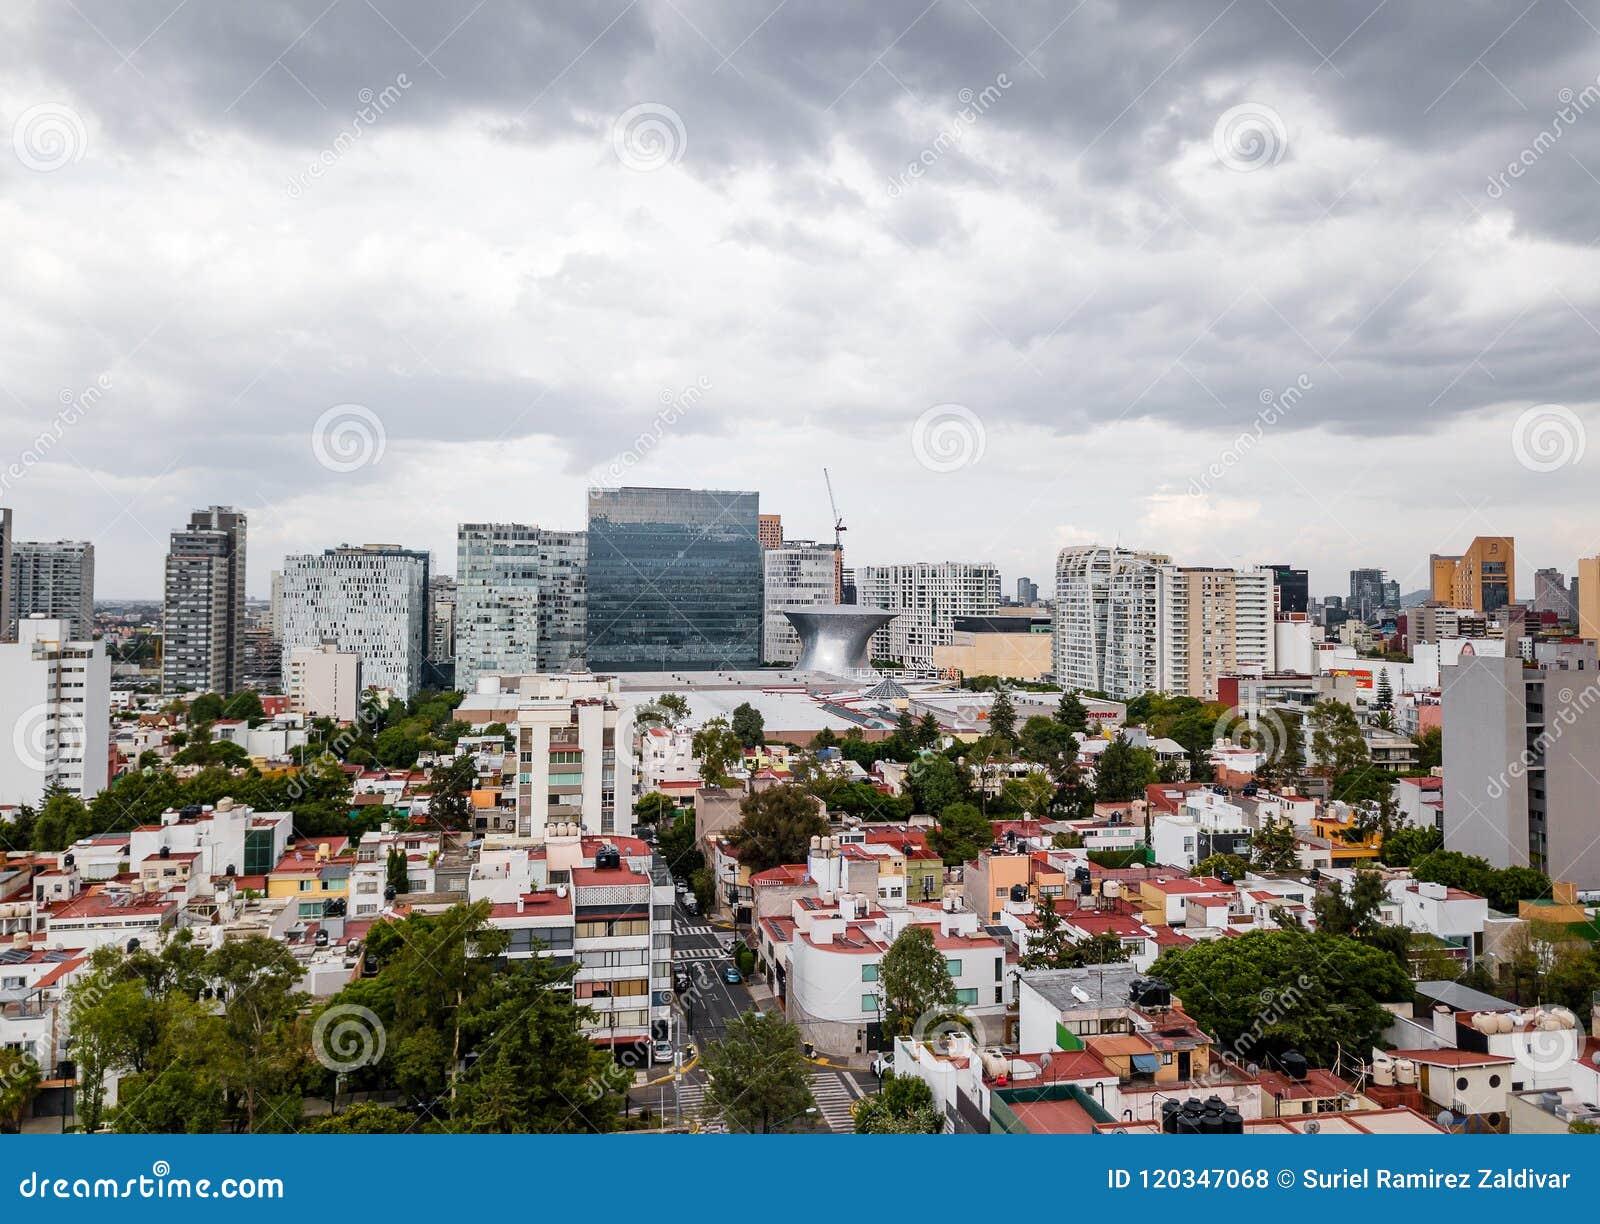 墨西哥城全景-波朗科